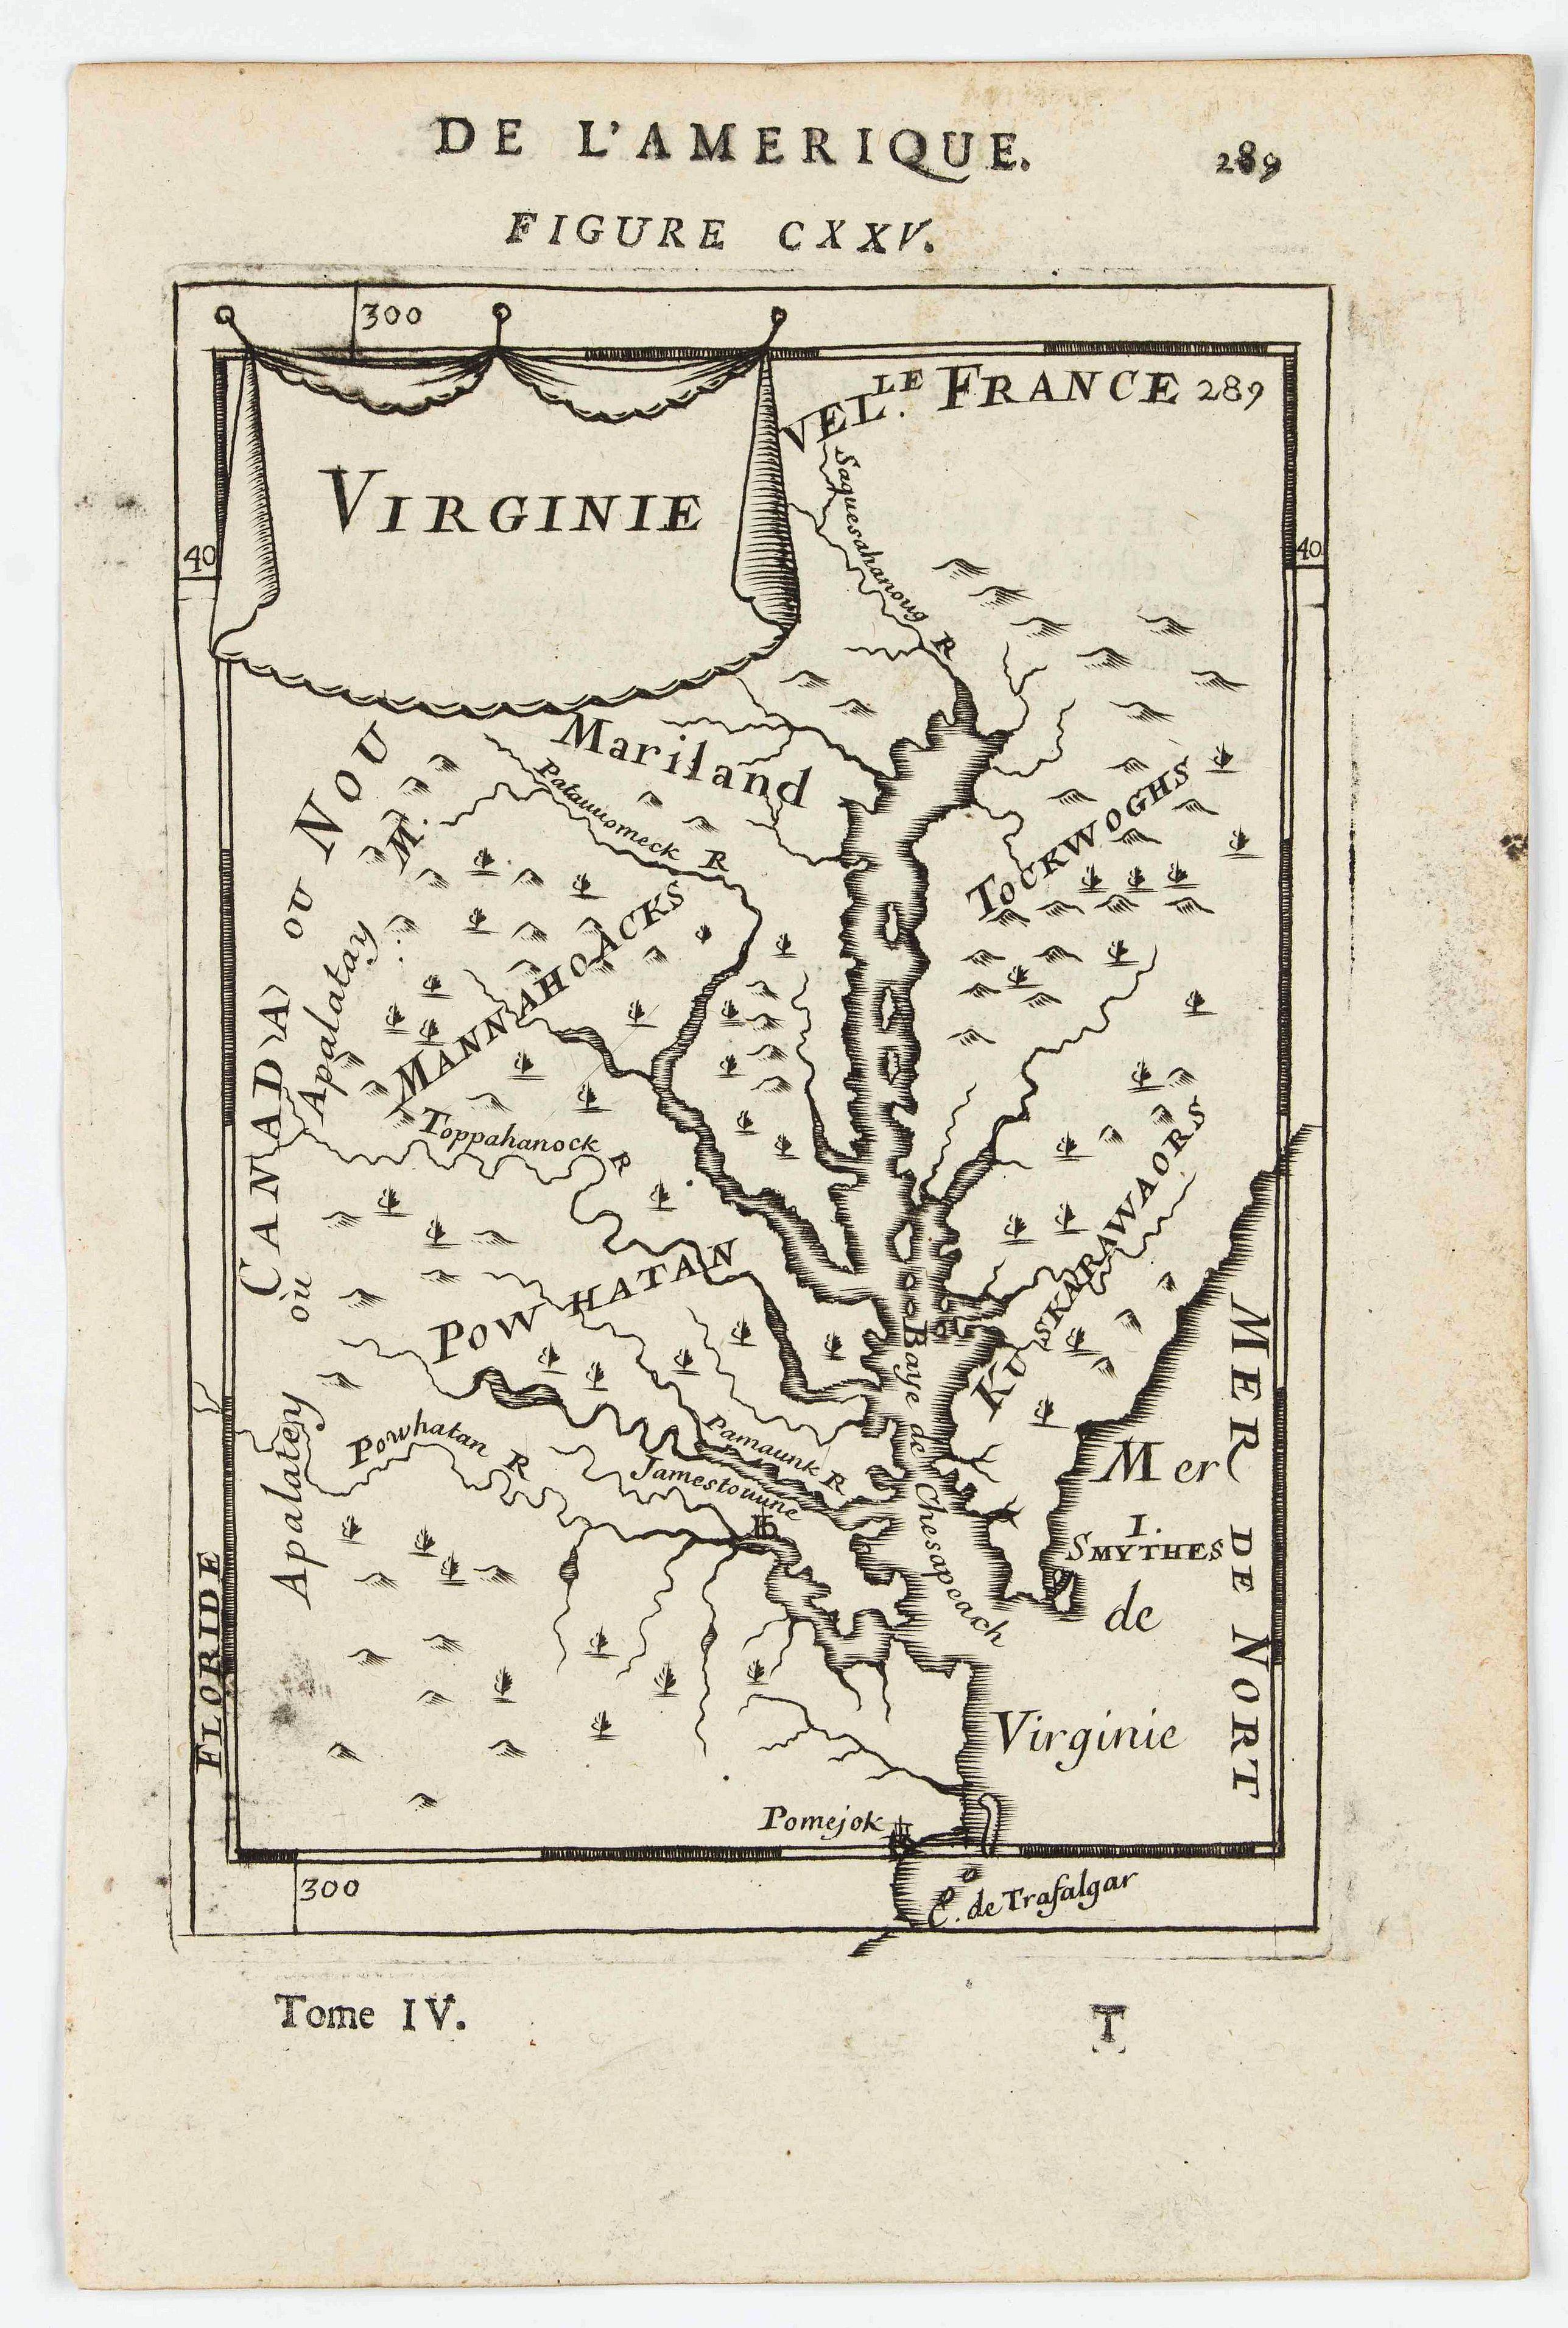 MANESSON MALLET, A. -  Virginie.